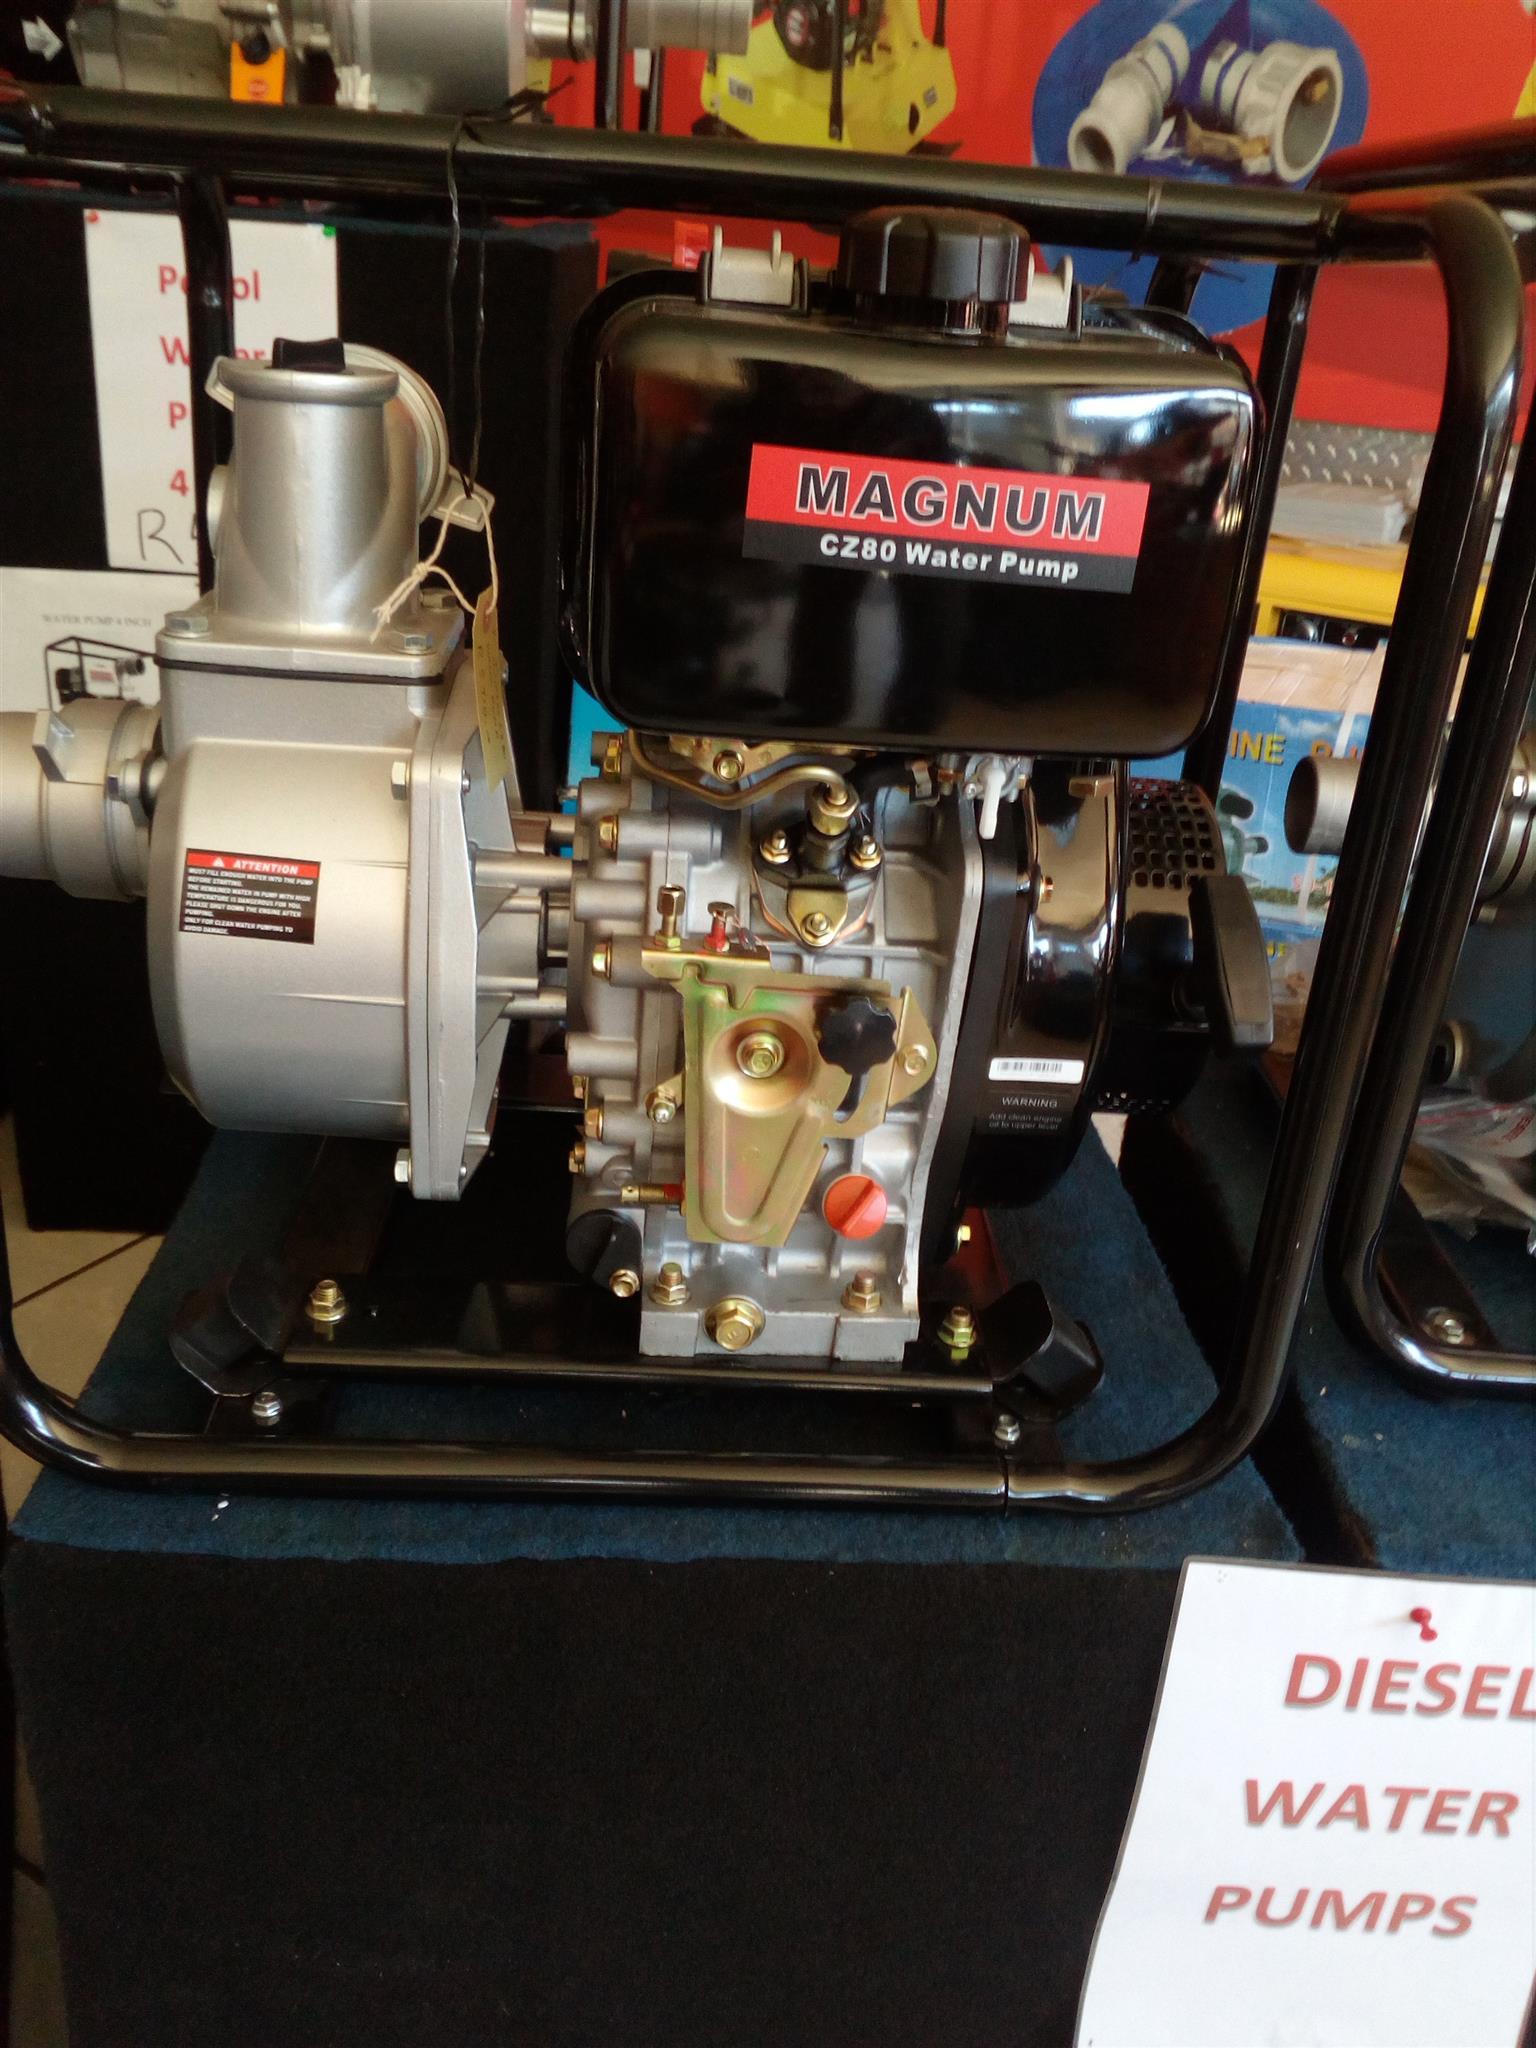 Magnum Diesel 3''/80mm  Water Pump with 6hp Diesel Engine, Price incl Vat